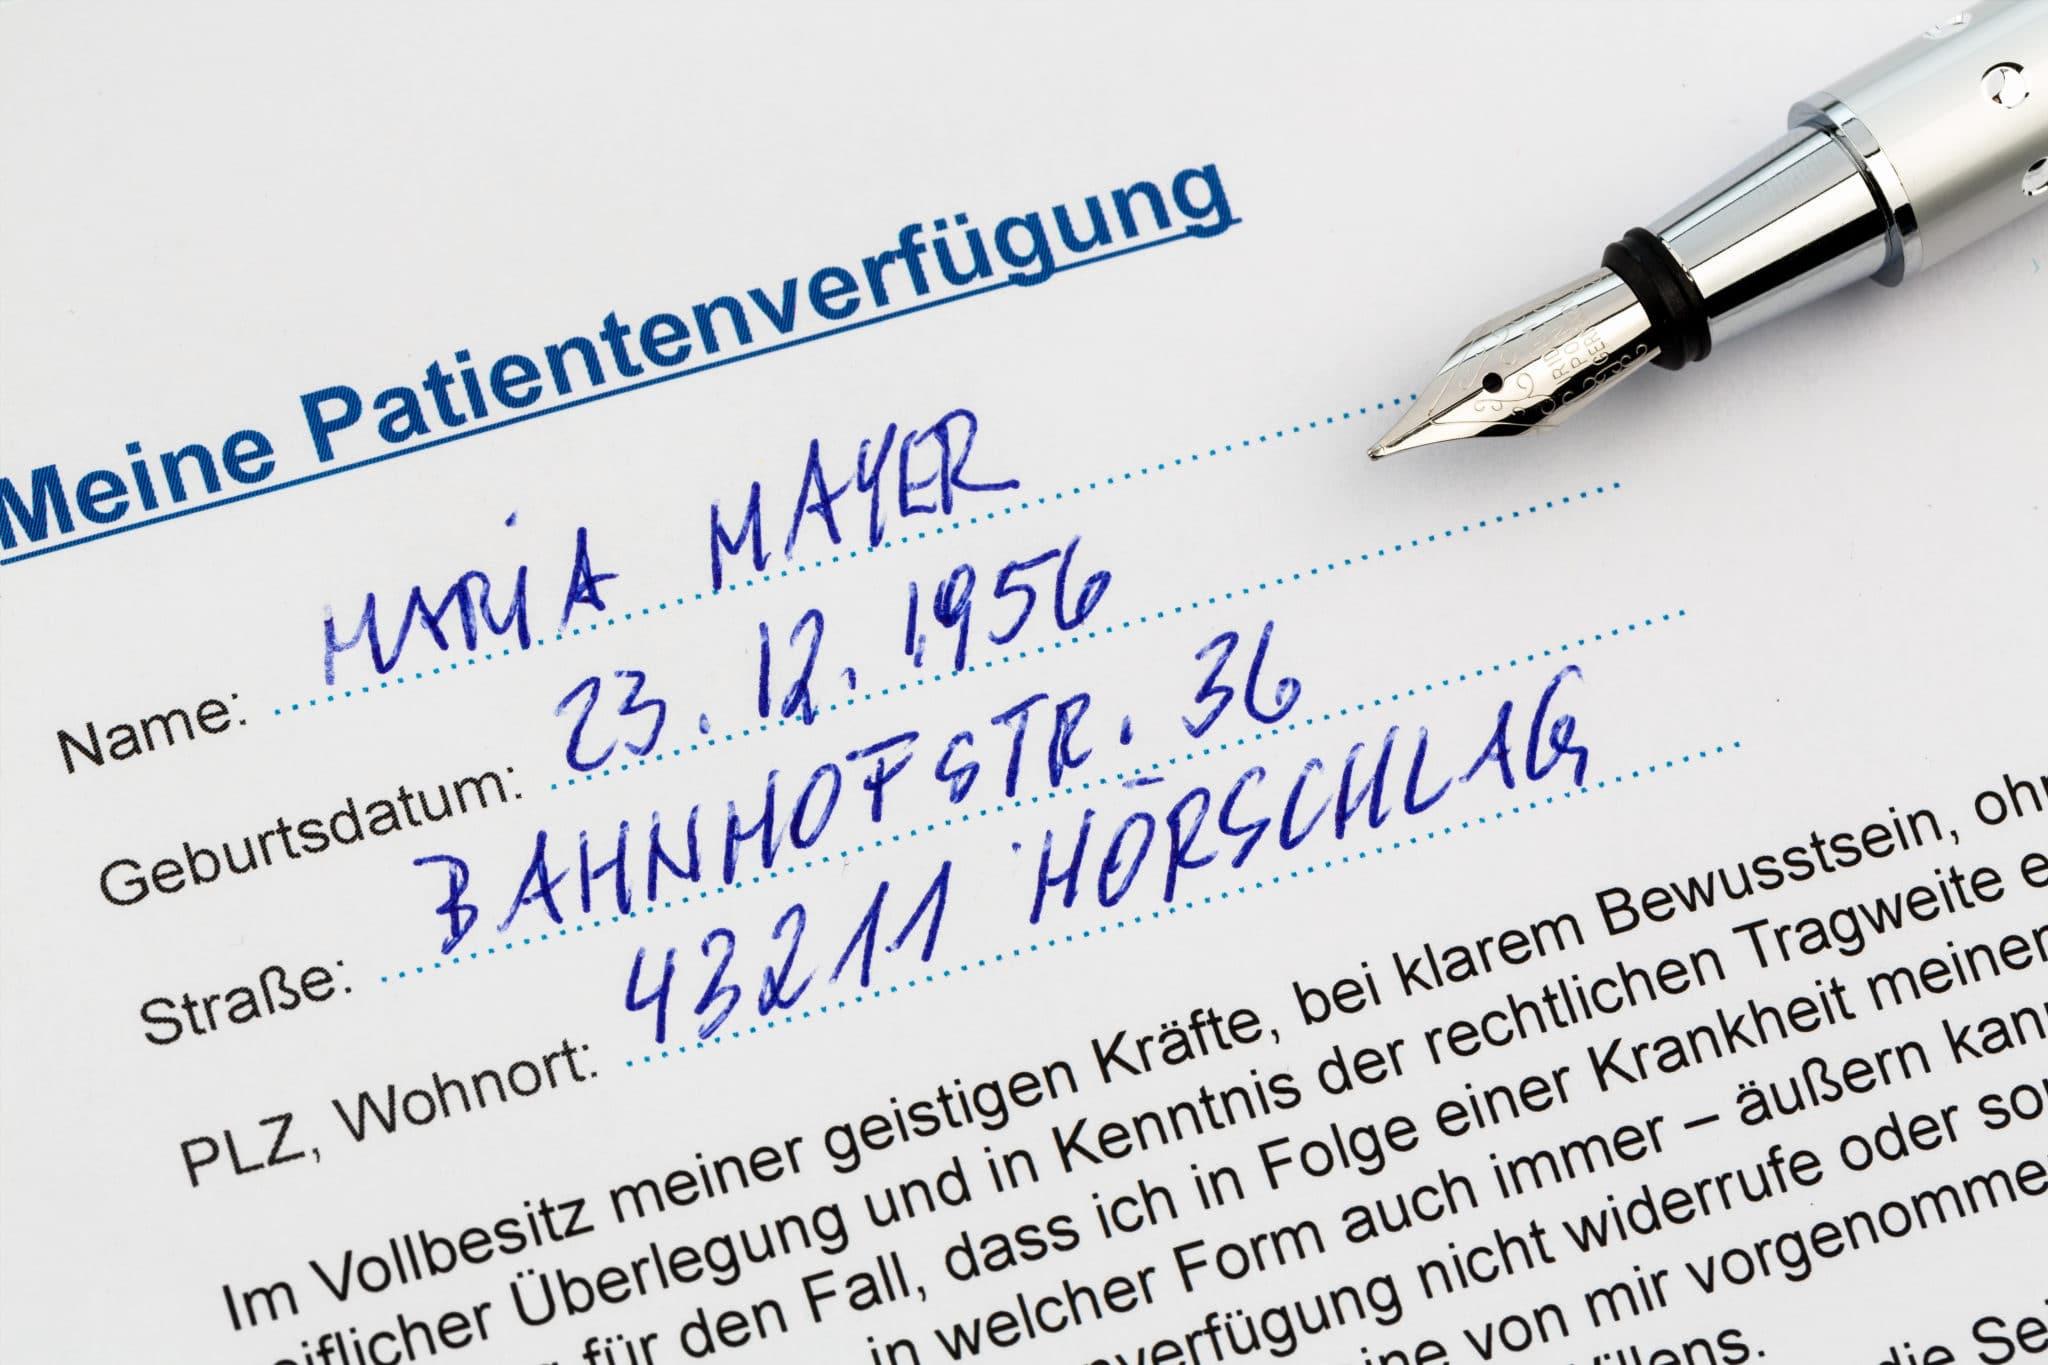 Fachanwalt für Erbrecht Patientenverfügung Notar